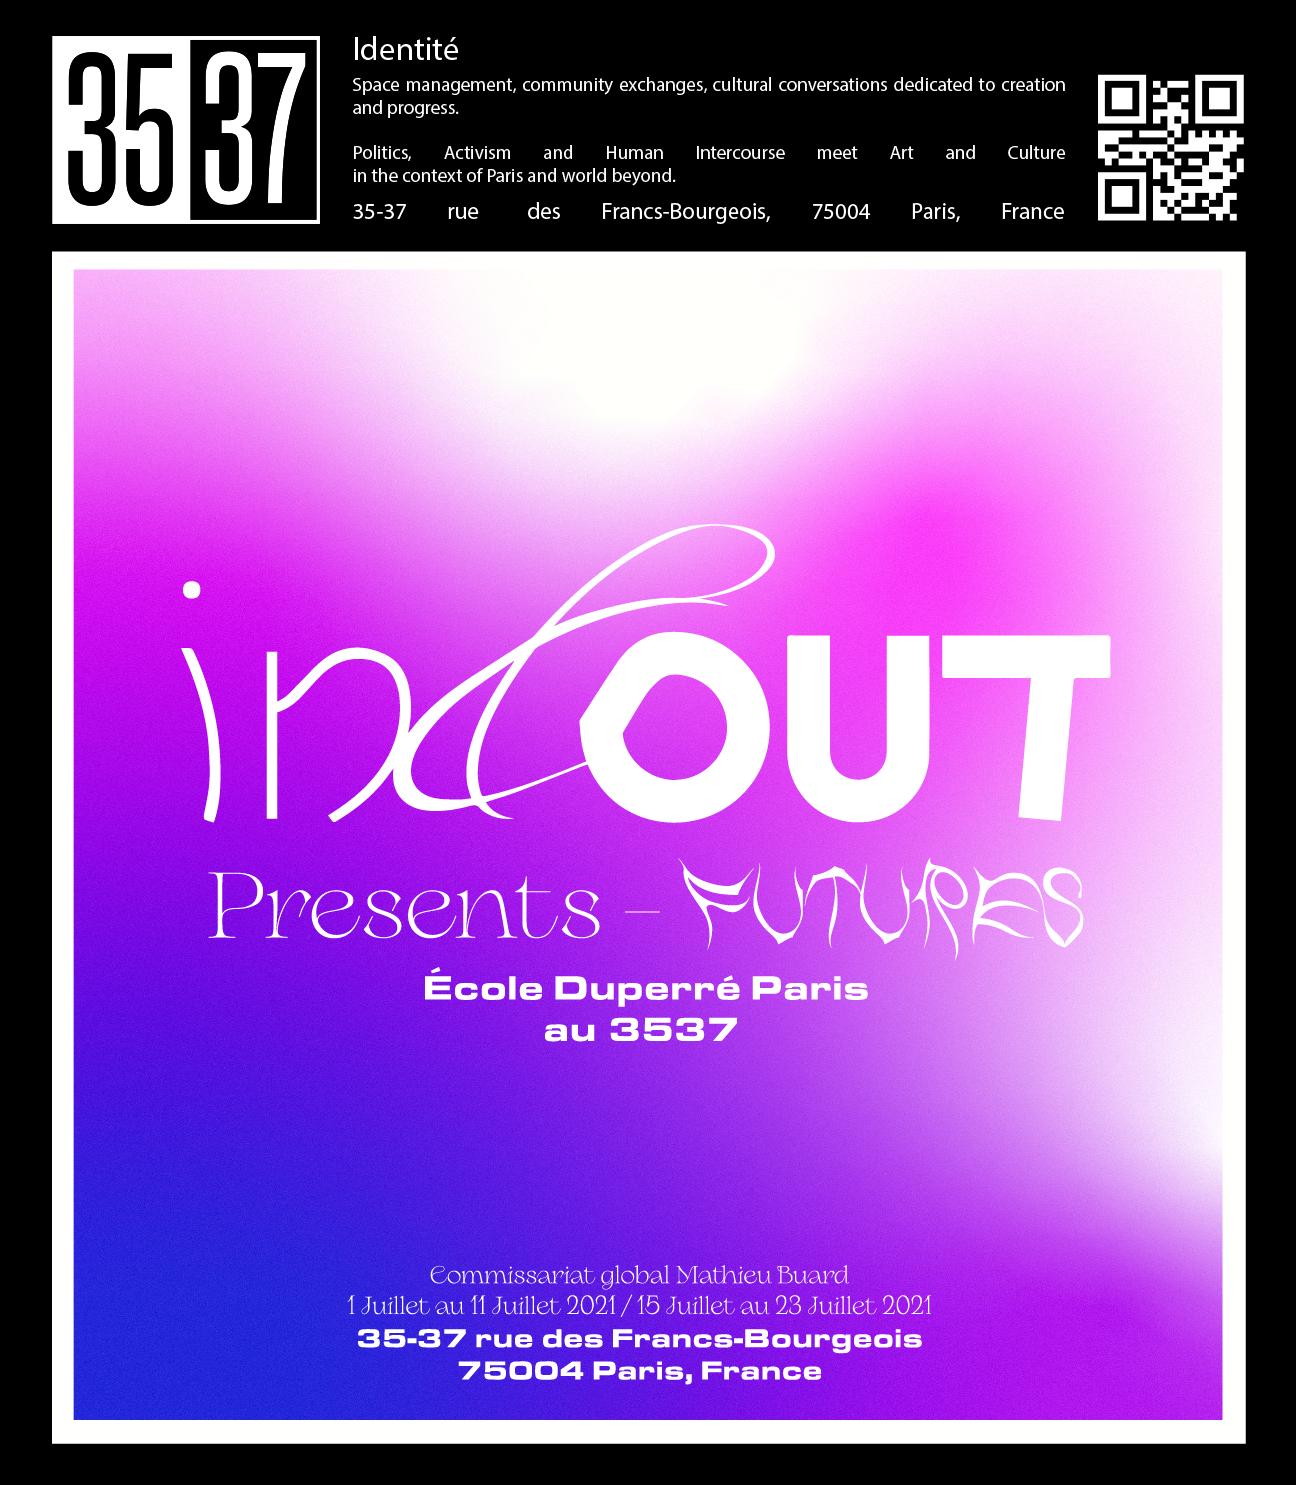 In & Out - Presents - Futures, l'École Duperré Paris au 3537